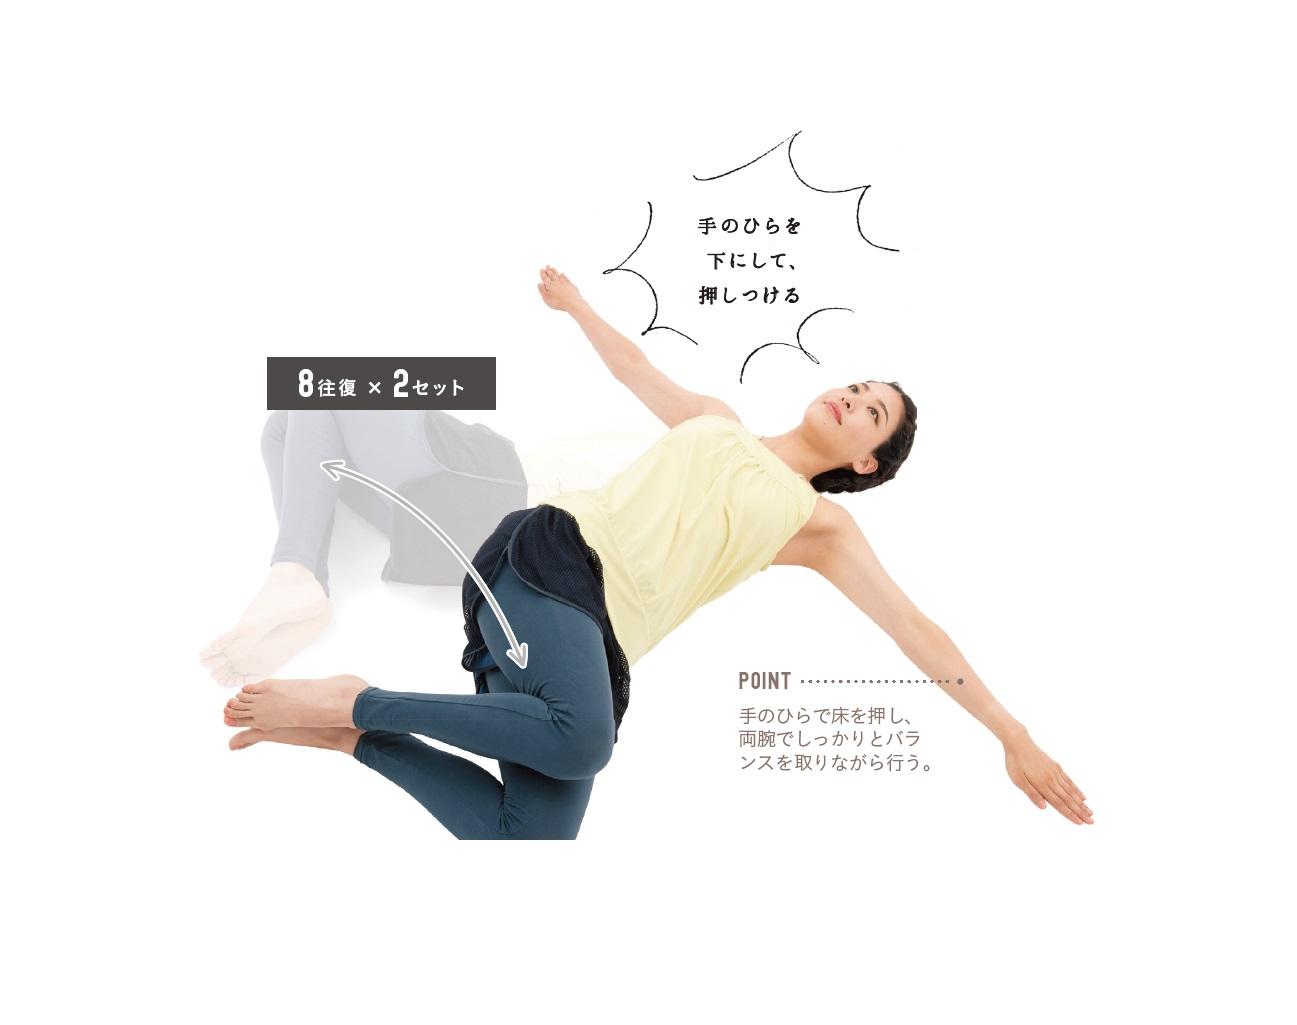 寝たままトレーニング ズボラトレーニング 二の腕 腰痛 簡単トレーニング